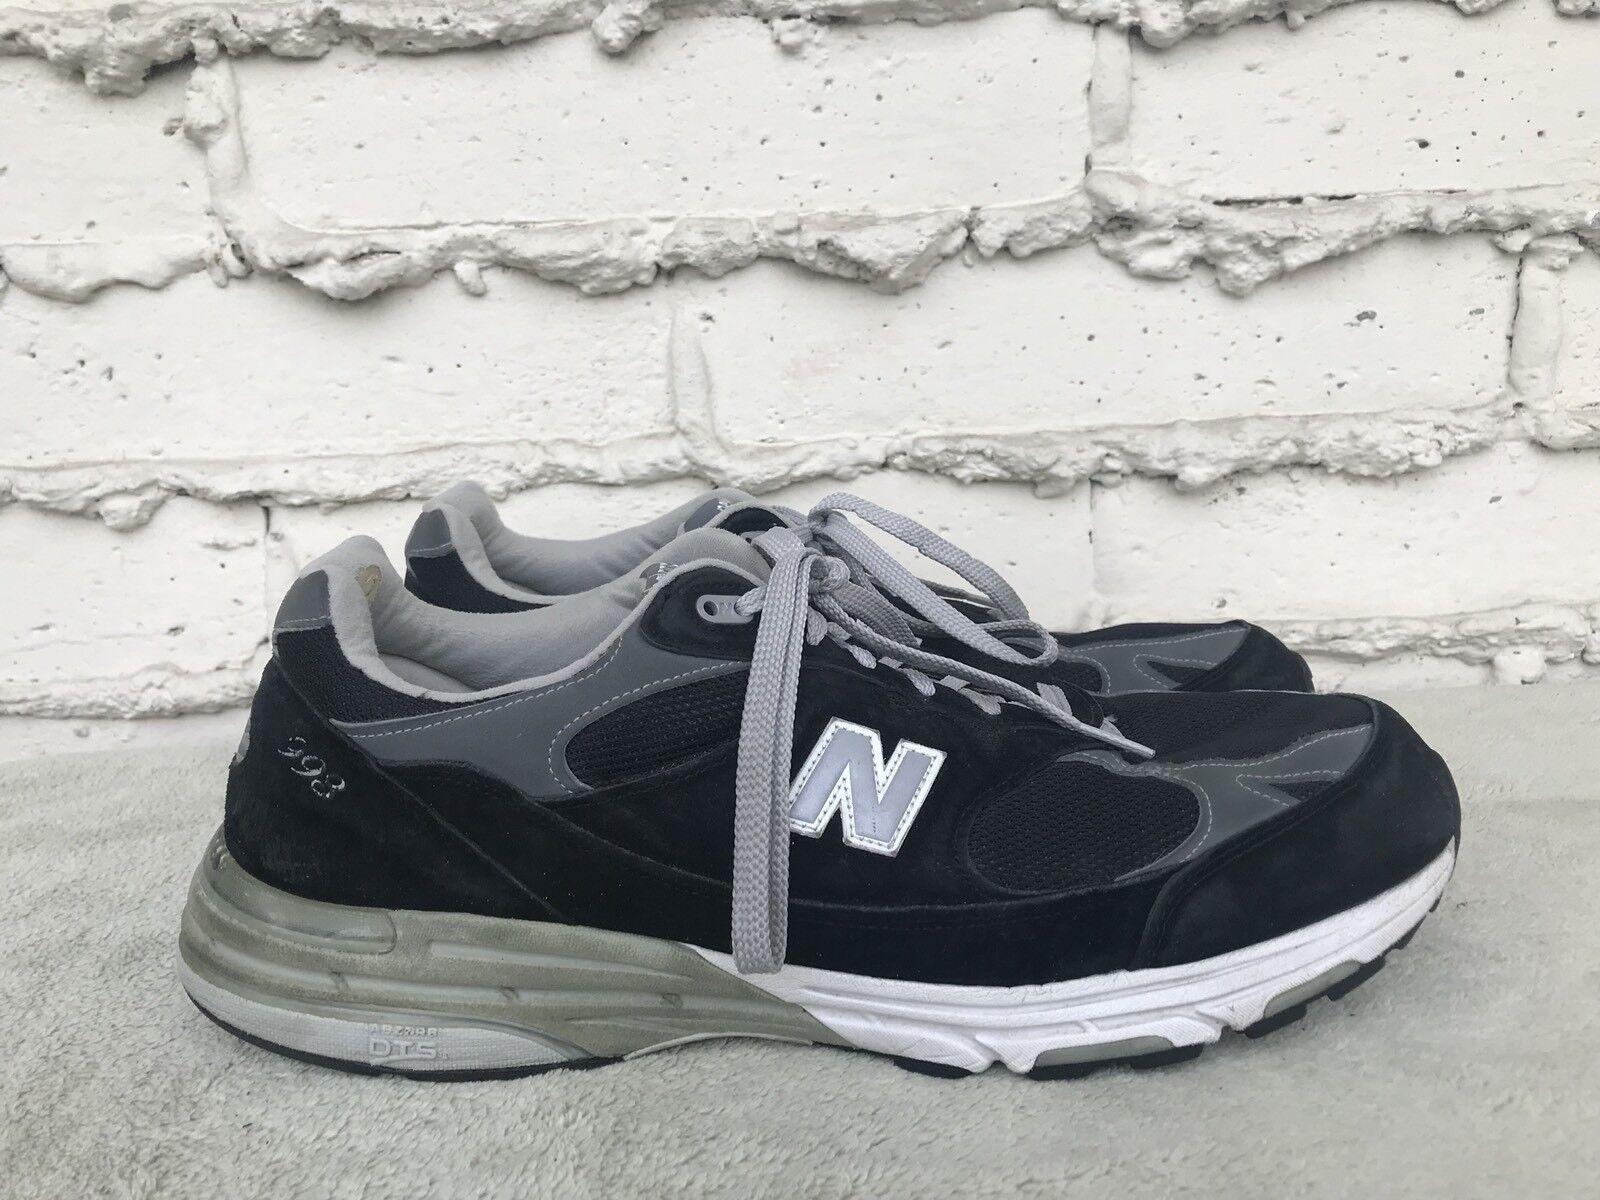 Excelente condición usada para hombres 993 US 15 2E New Balance MR993BK Negro Running Zapatos TENIS